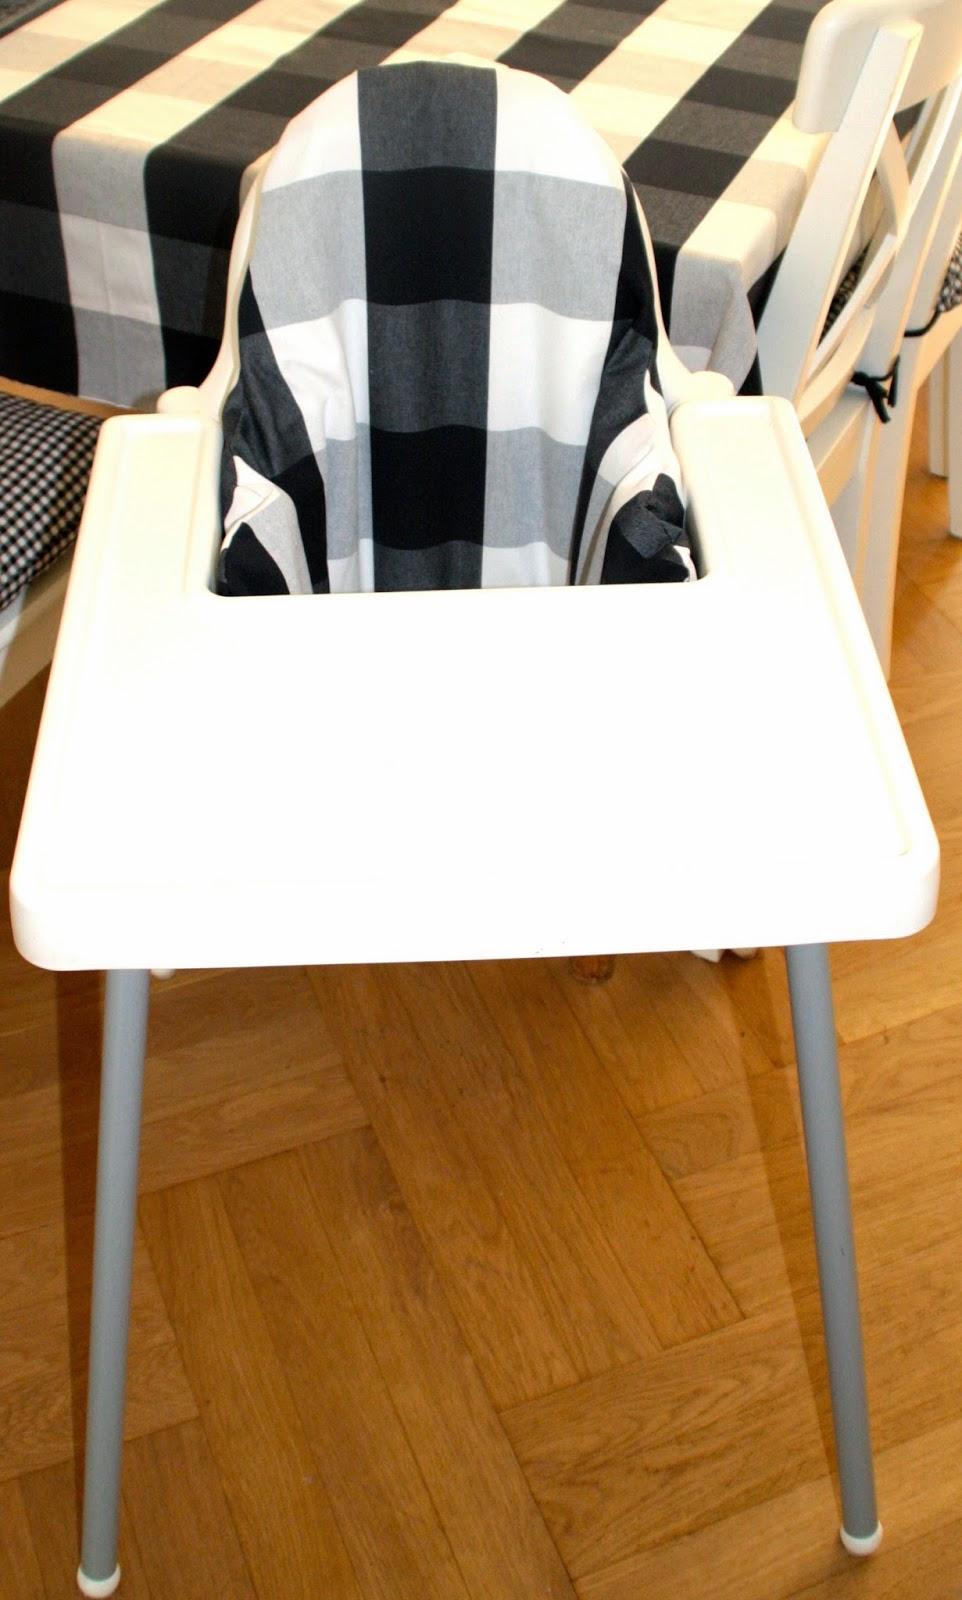 margareteshandmadebox bezug f r ikea hochstuhl einsatz pyttig passend zur einrichtung. Black Bedroom Furniture Sets. Home Design Ideas